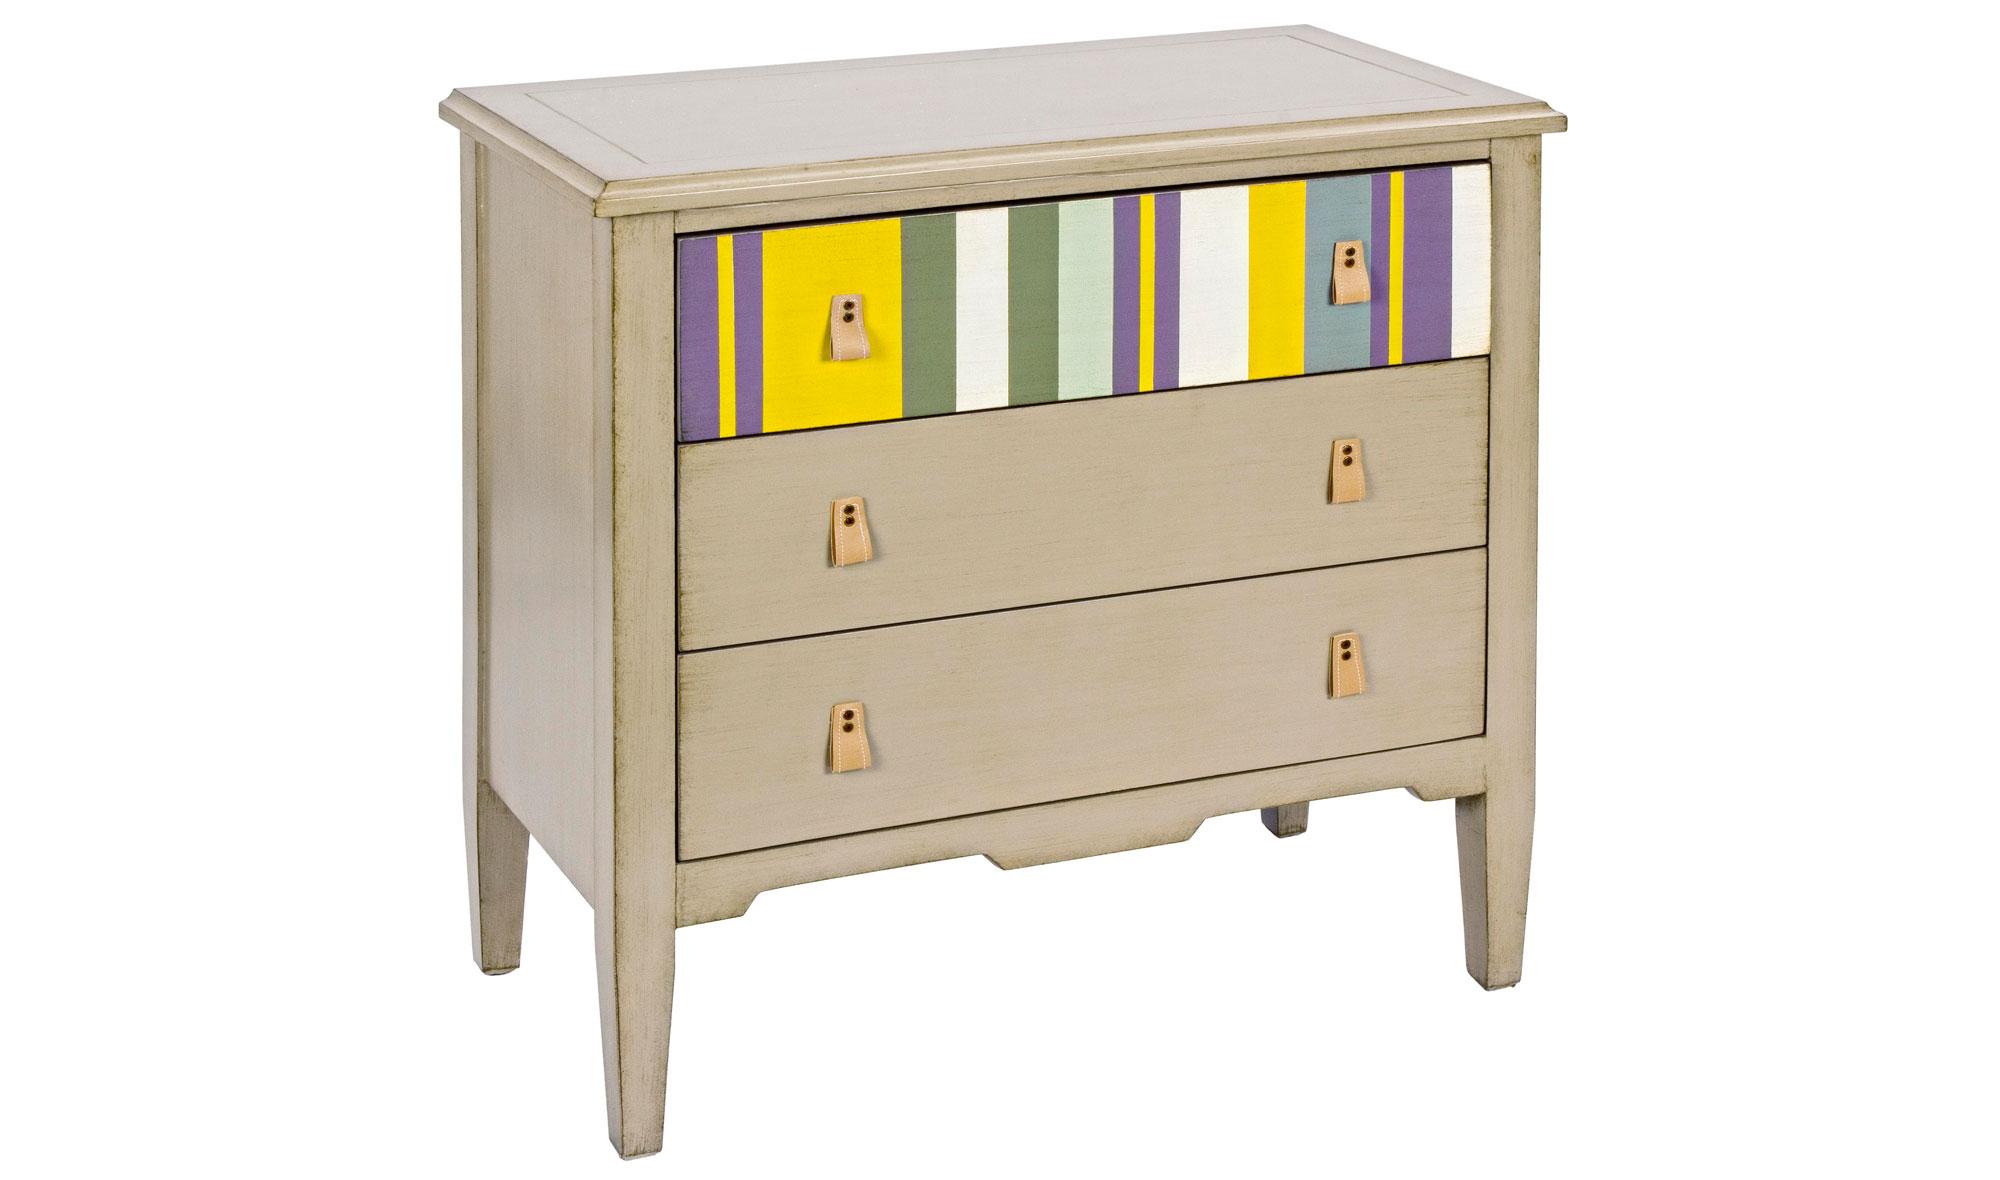 Comod n rayas vintage varenna no disponible en for Muebles pintados a rayas